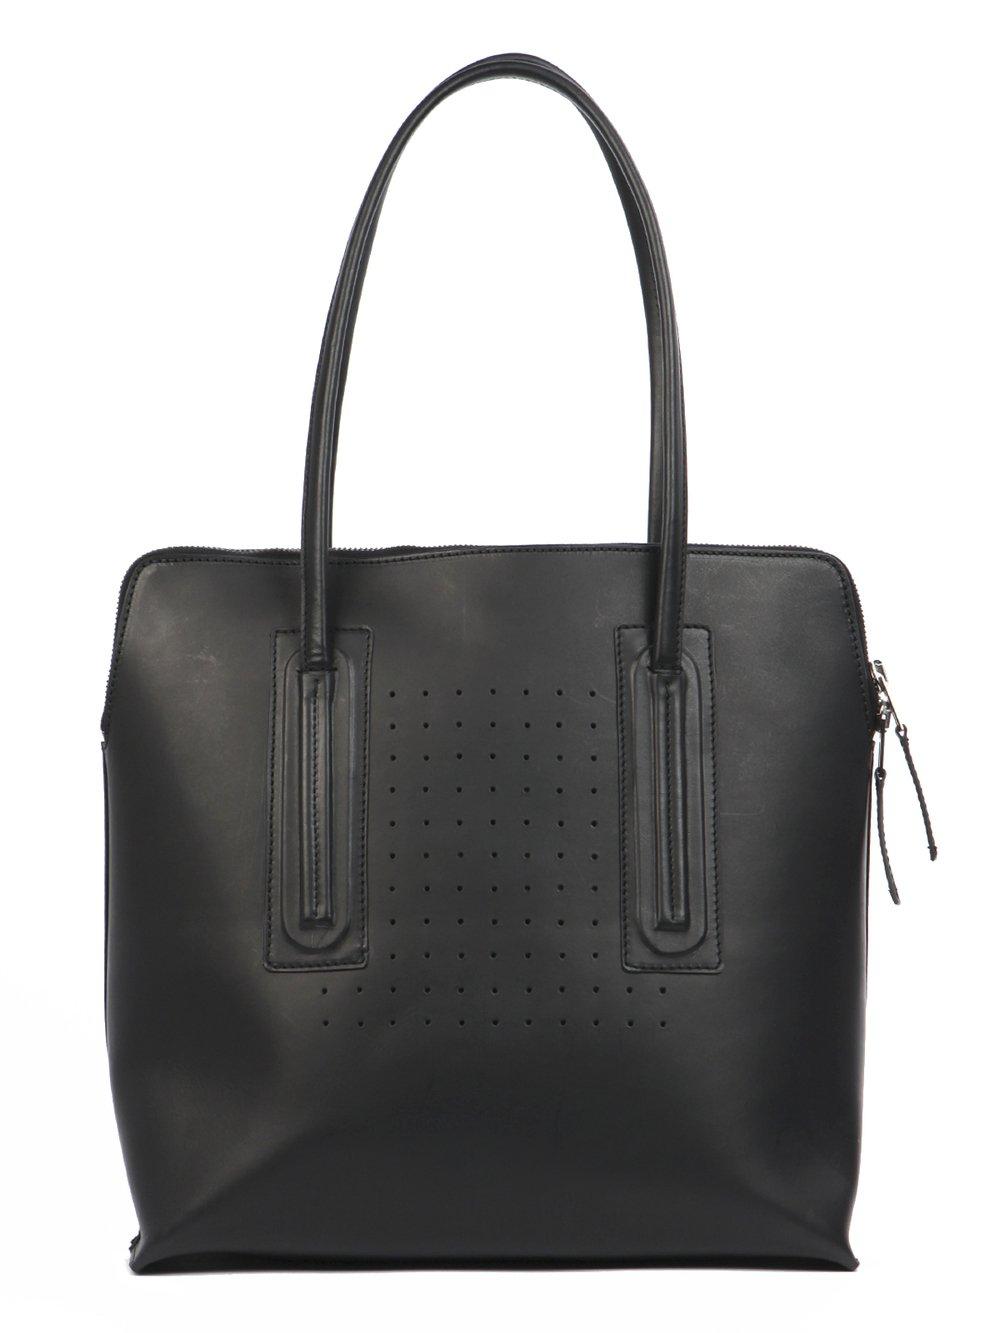 Rick Owens Pre-owned - Leather handbag TuLzJKS